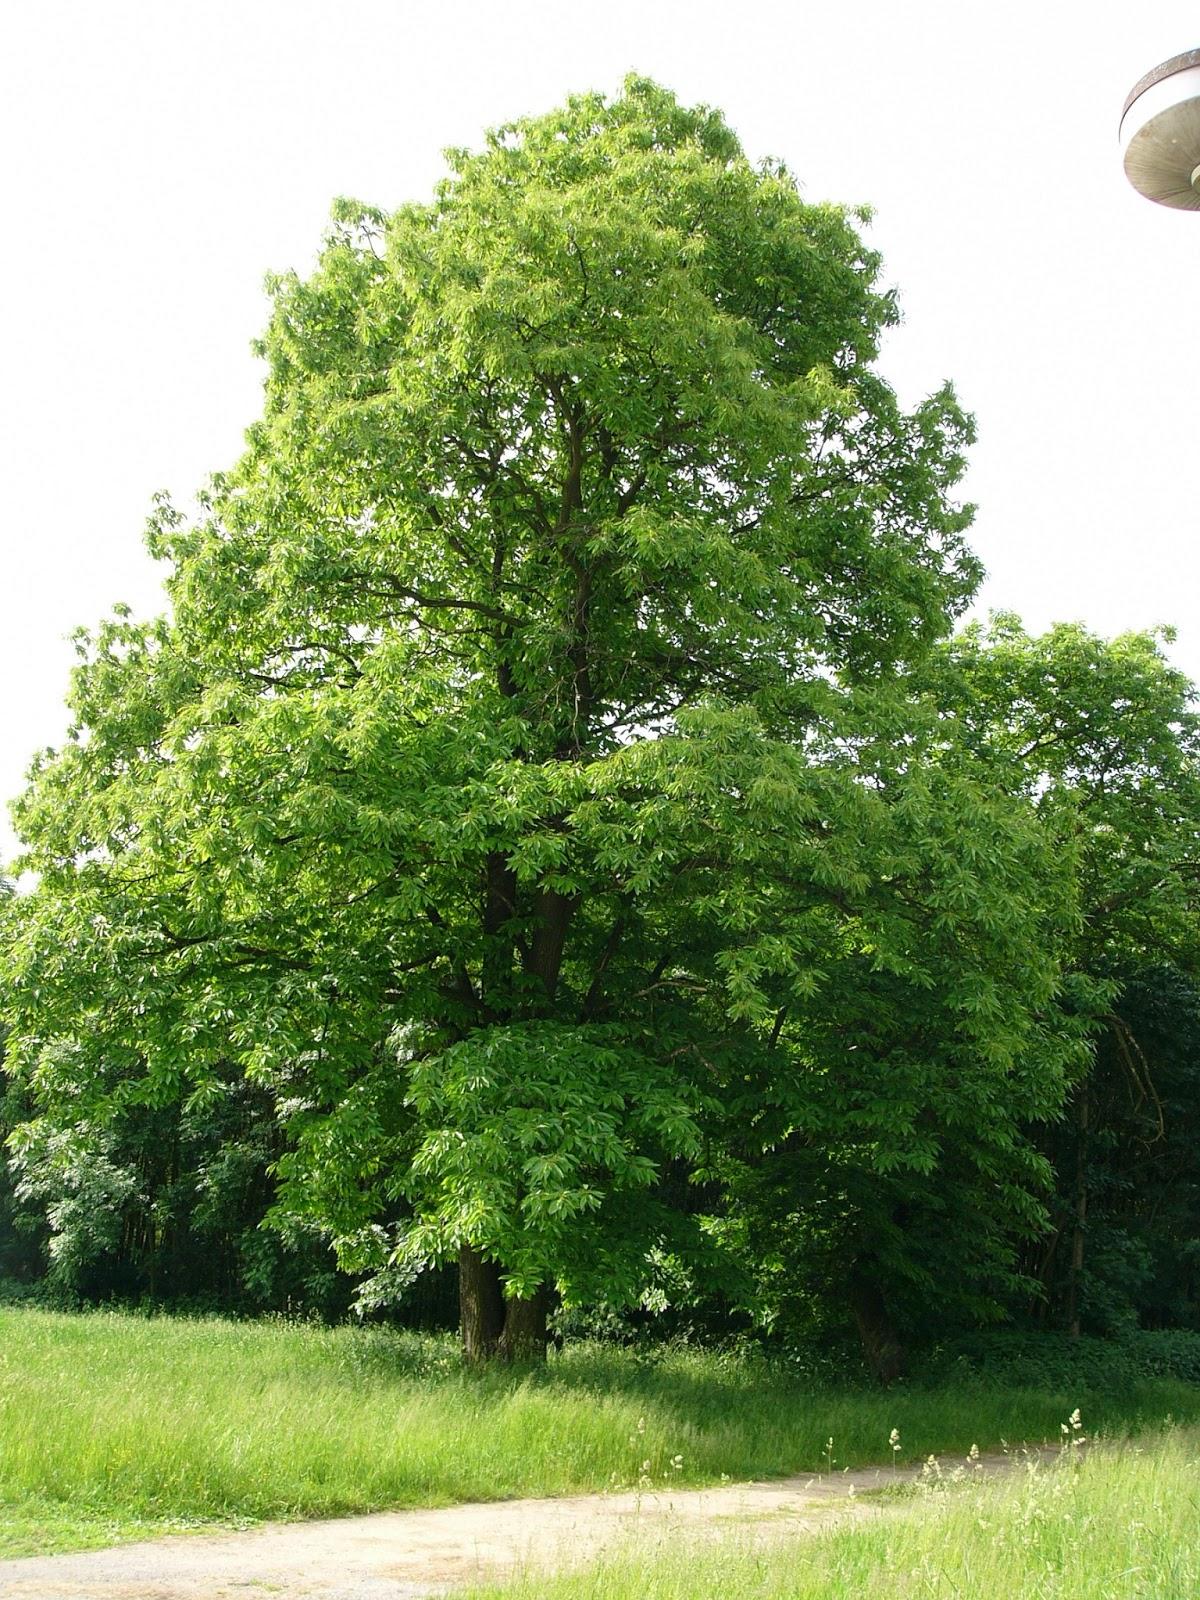 Castaño: Características generales y cultivo